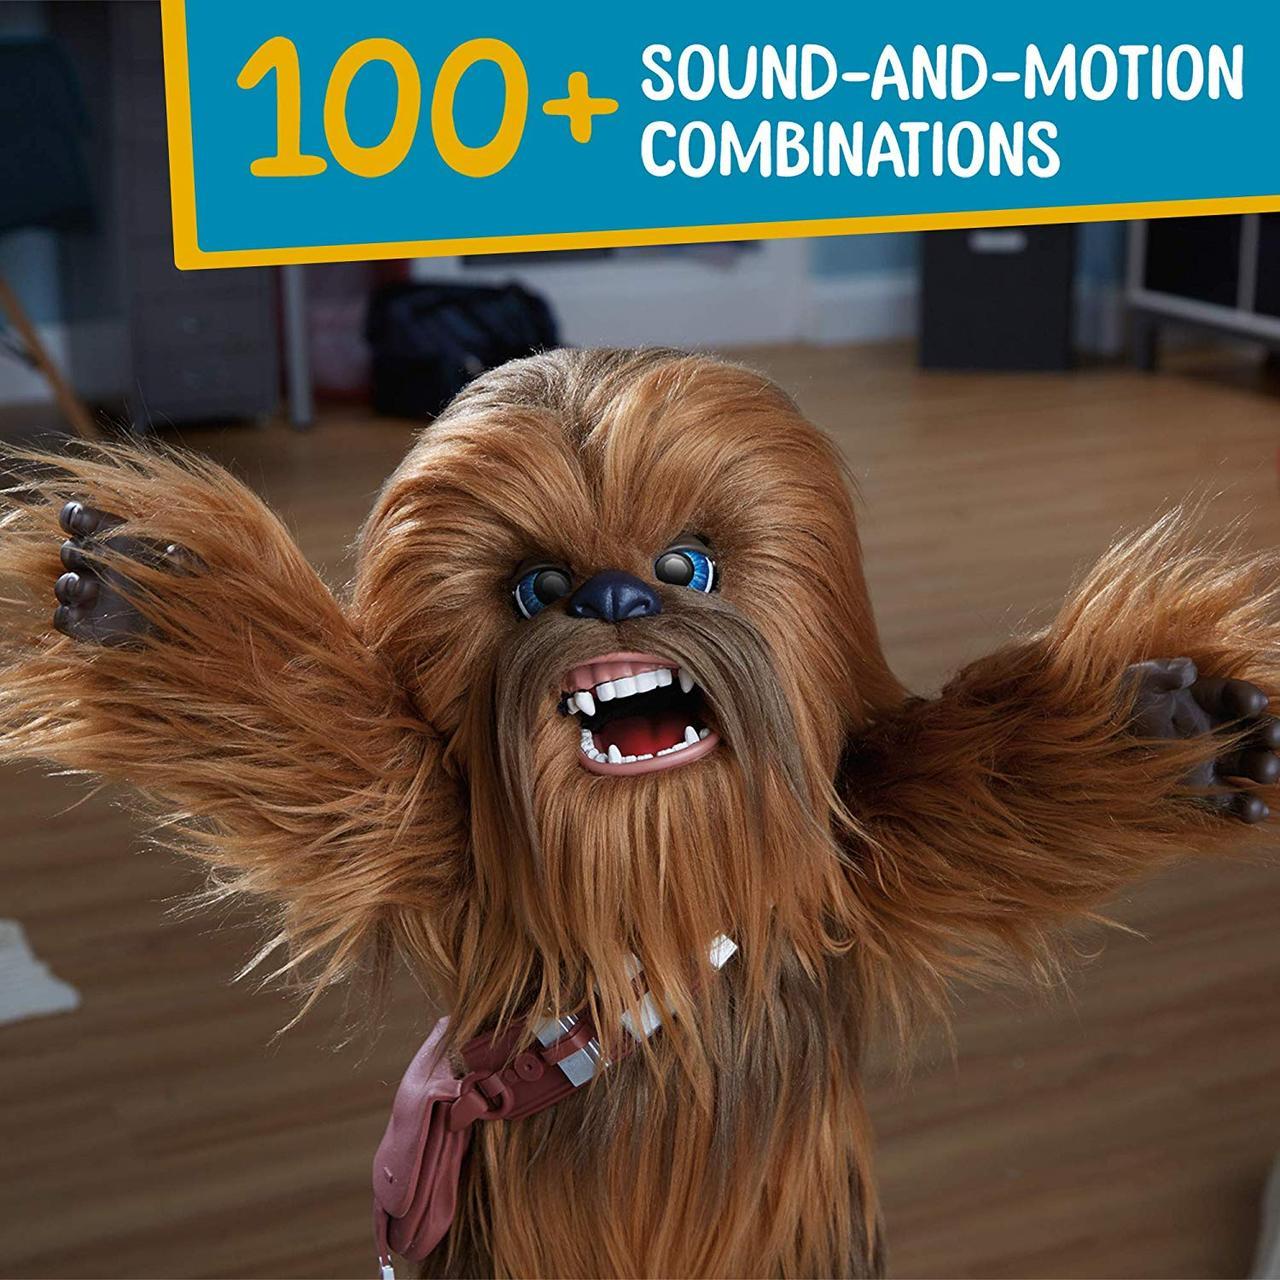 Звёздные войны, Интерактивный фурбака, Чубакка 42см 100+ звук, Star Wars Co-pilot Chewie